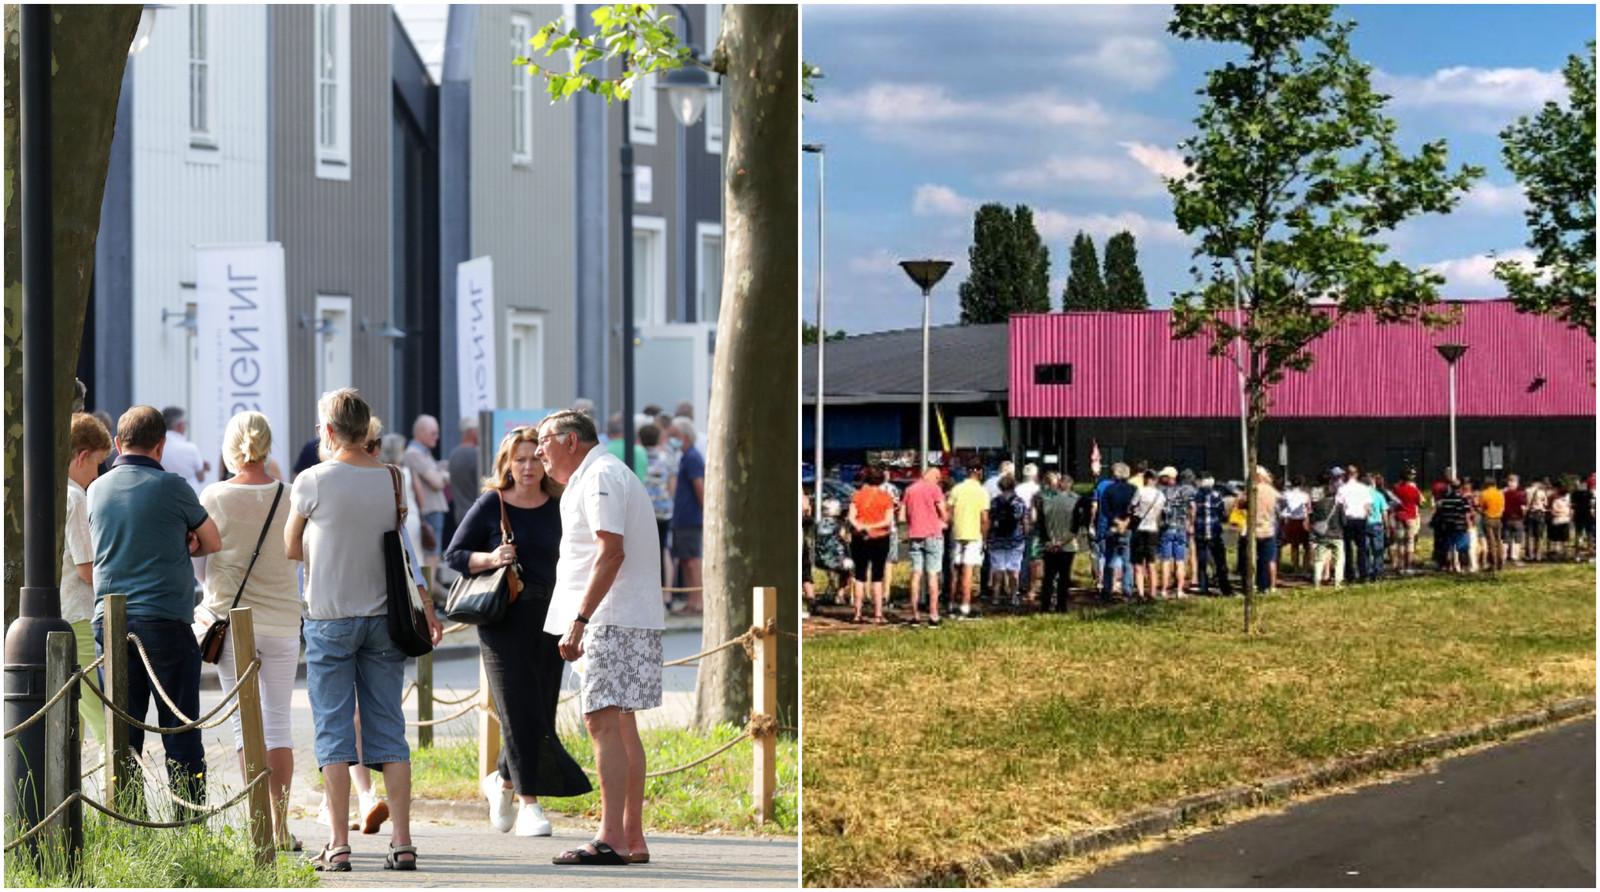 Drukte in Nijverdal en Enschede voor een stempel in het gele boekje van de GGD